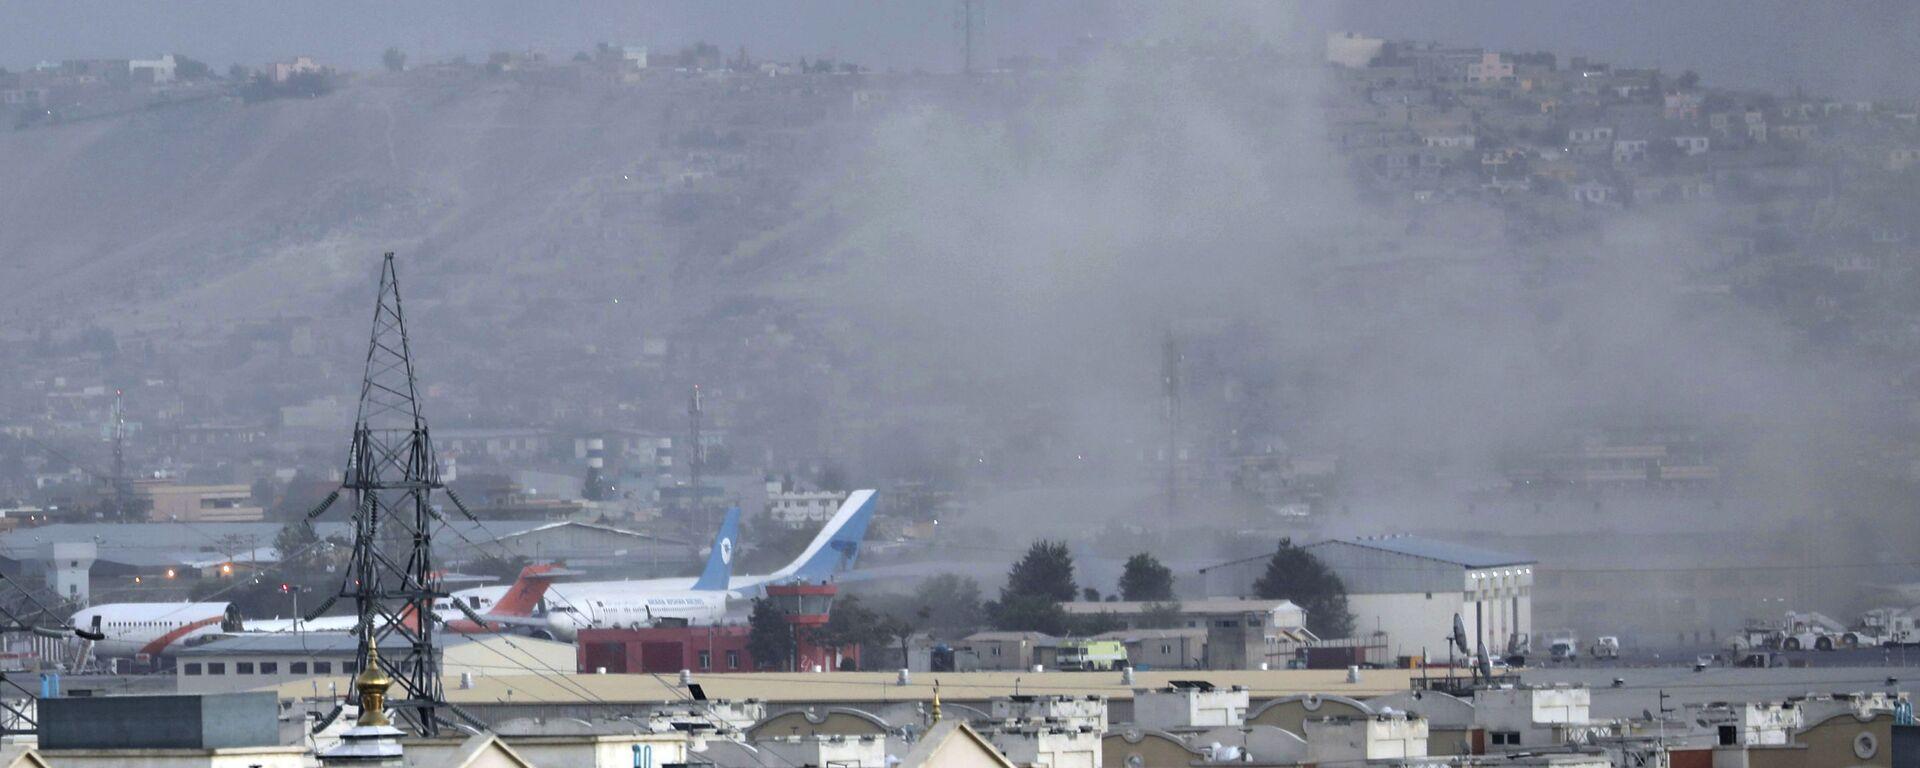 Дым от взрыва возле аэропорта в Кабуле, Афганистан - Sputnik Армения, 1920, 29.08.2021